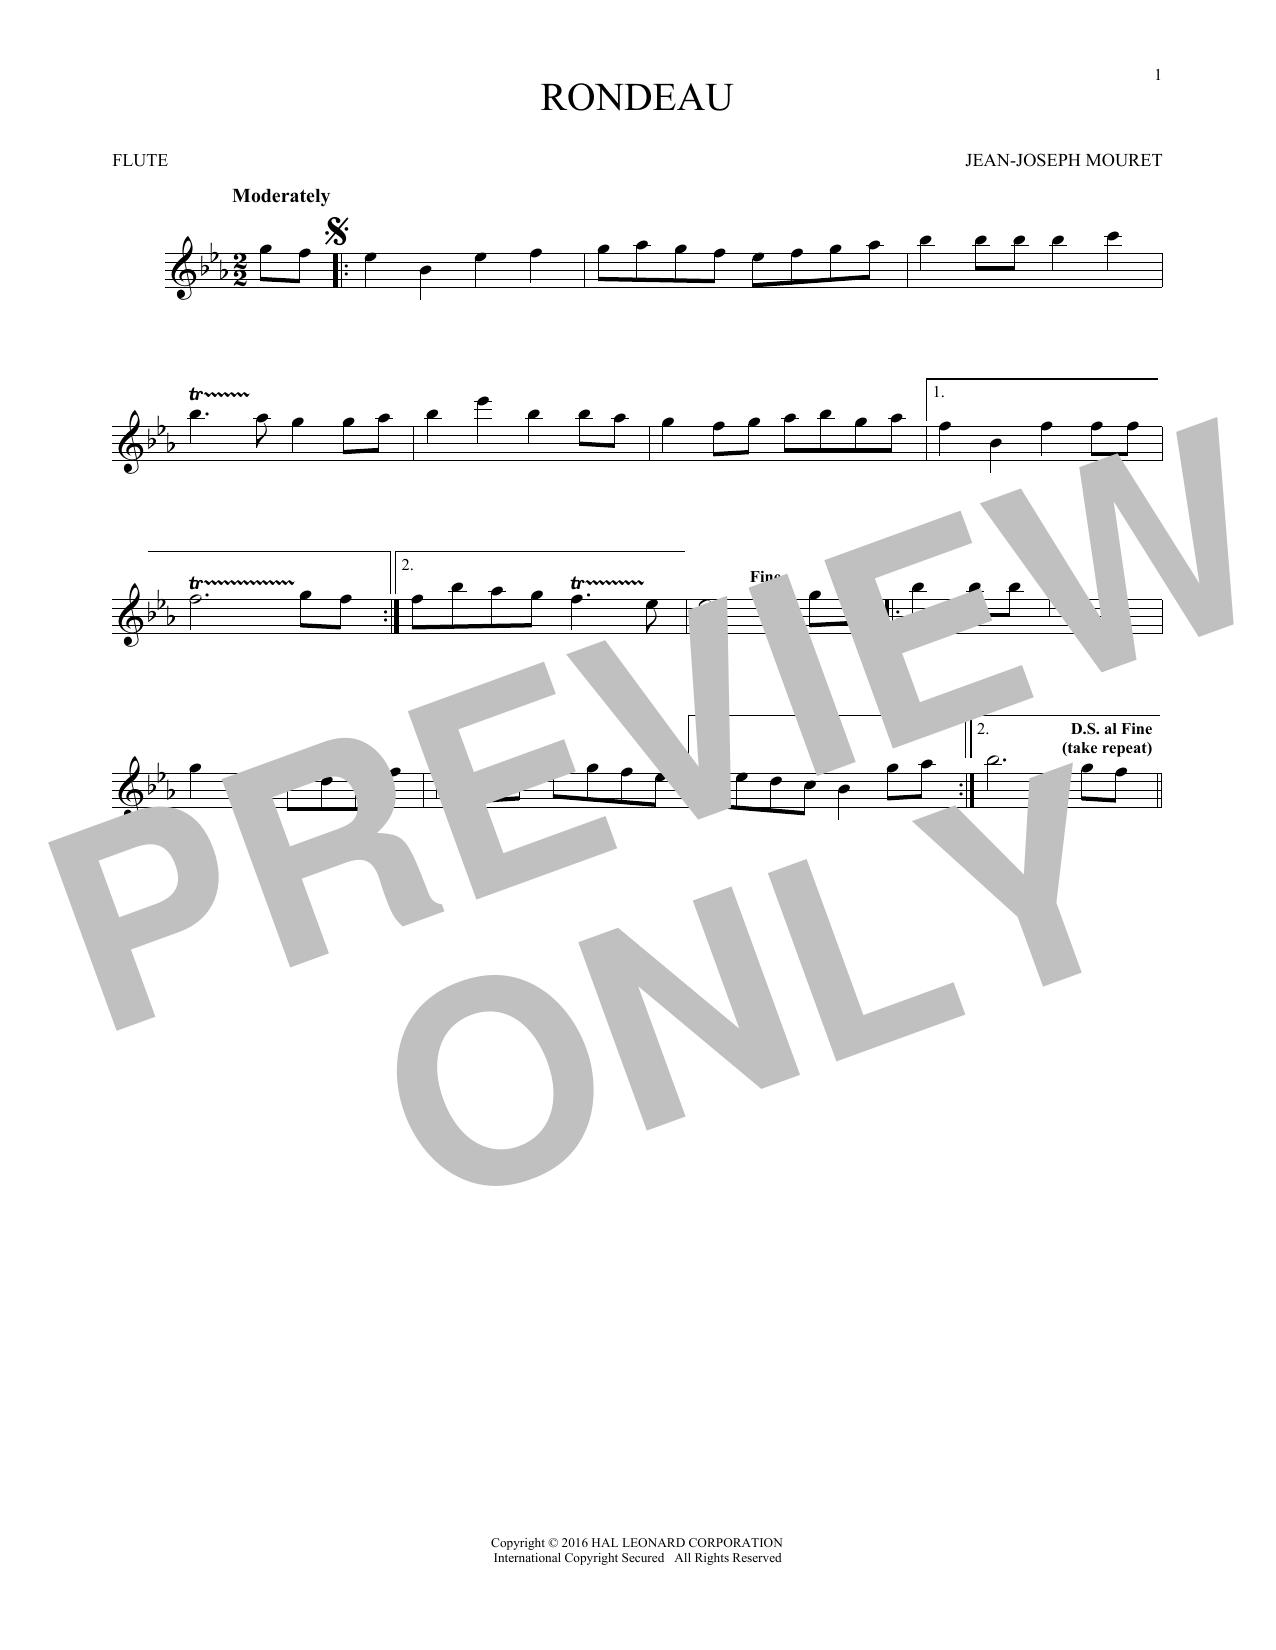 Fanfare Rondeau (Flute Solo)